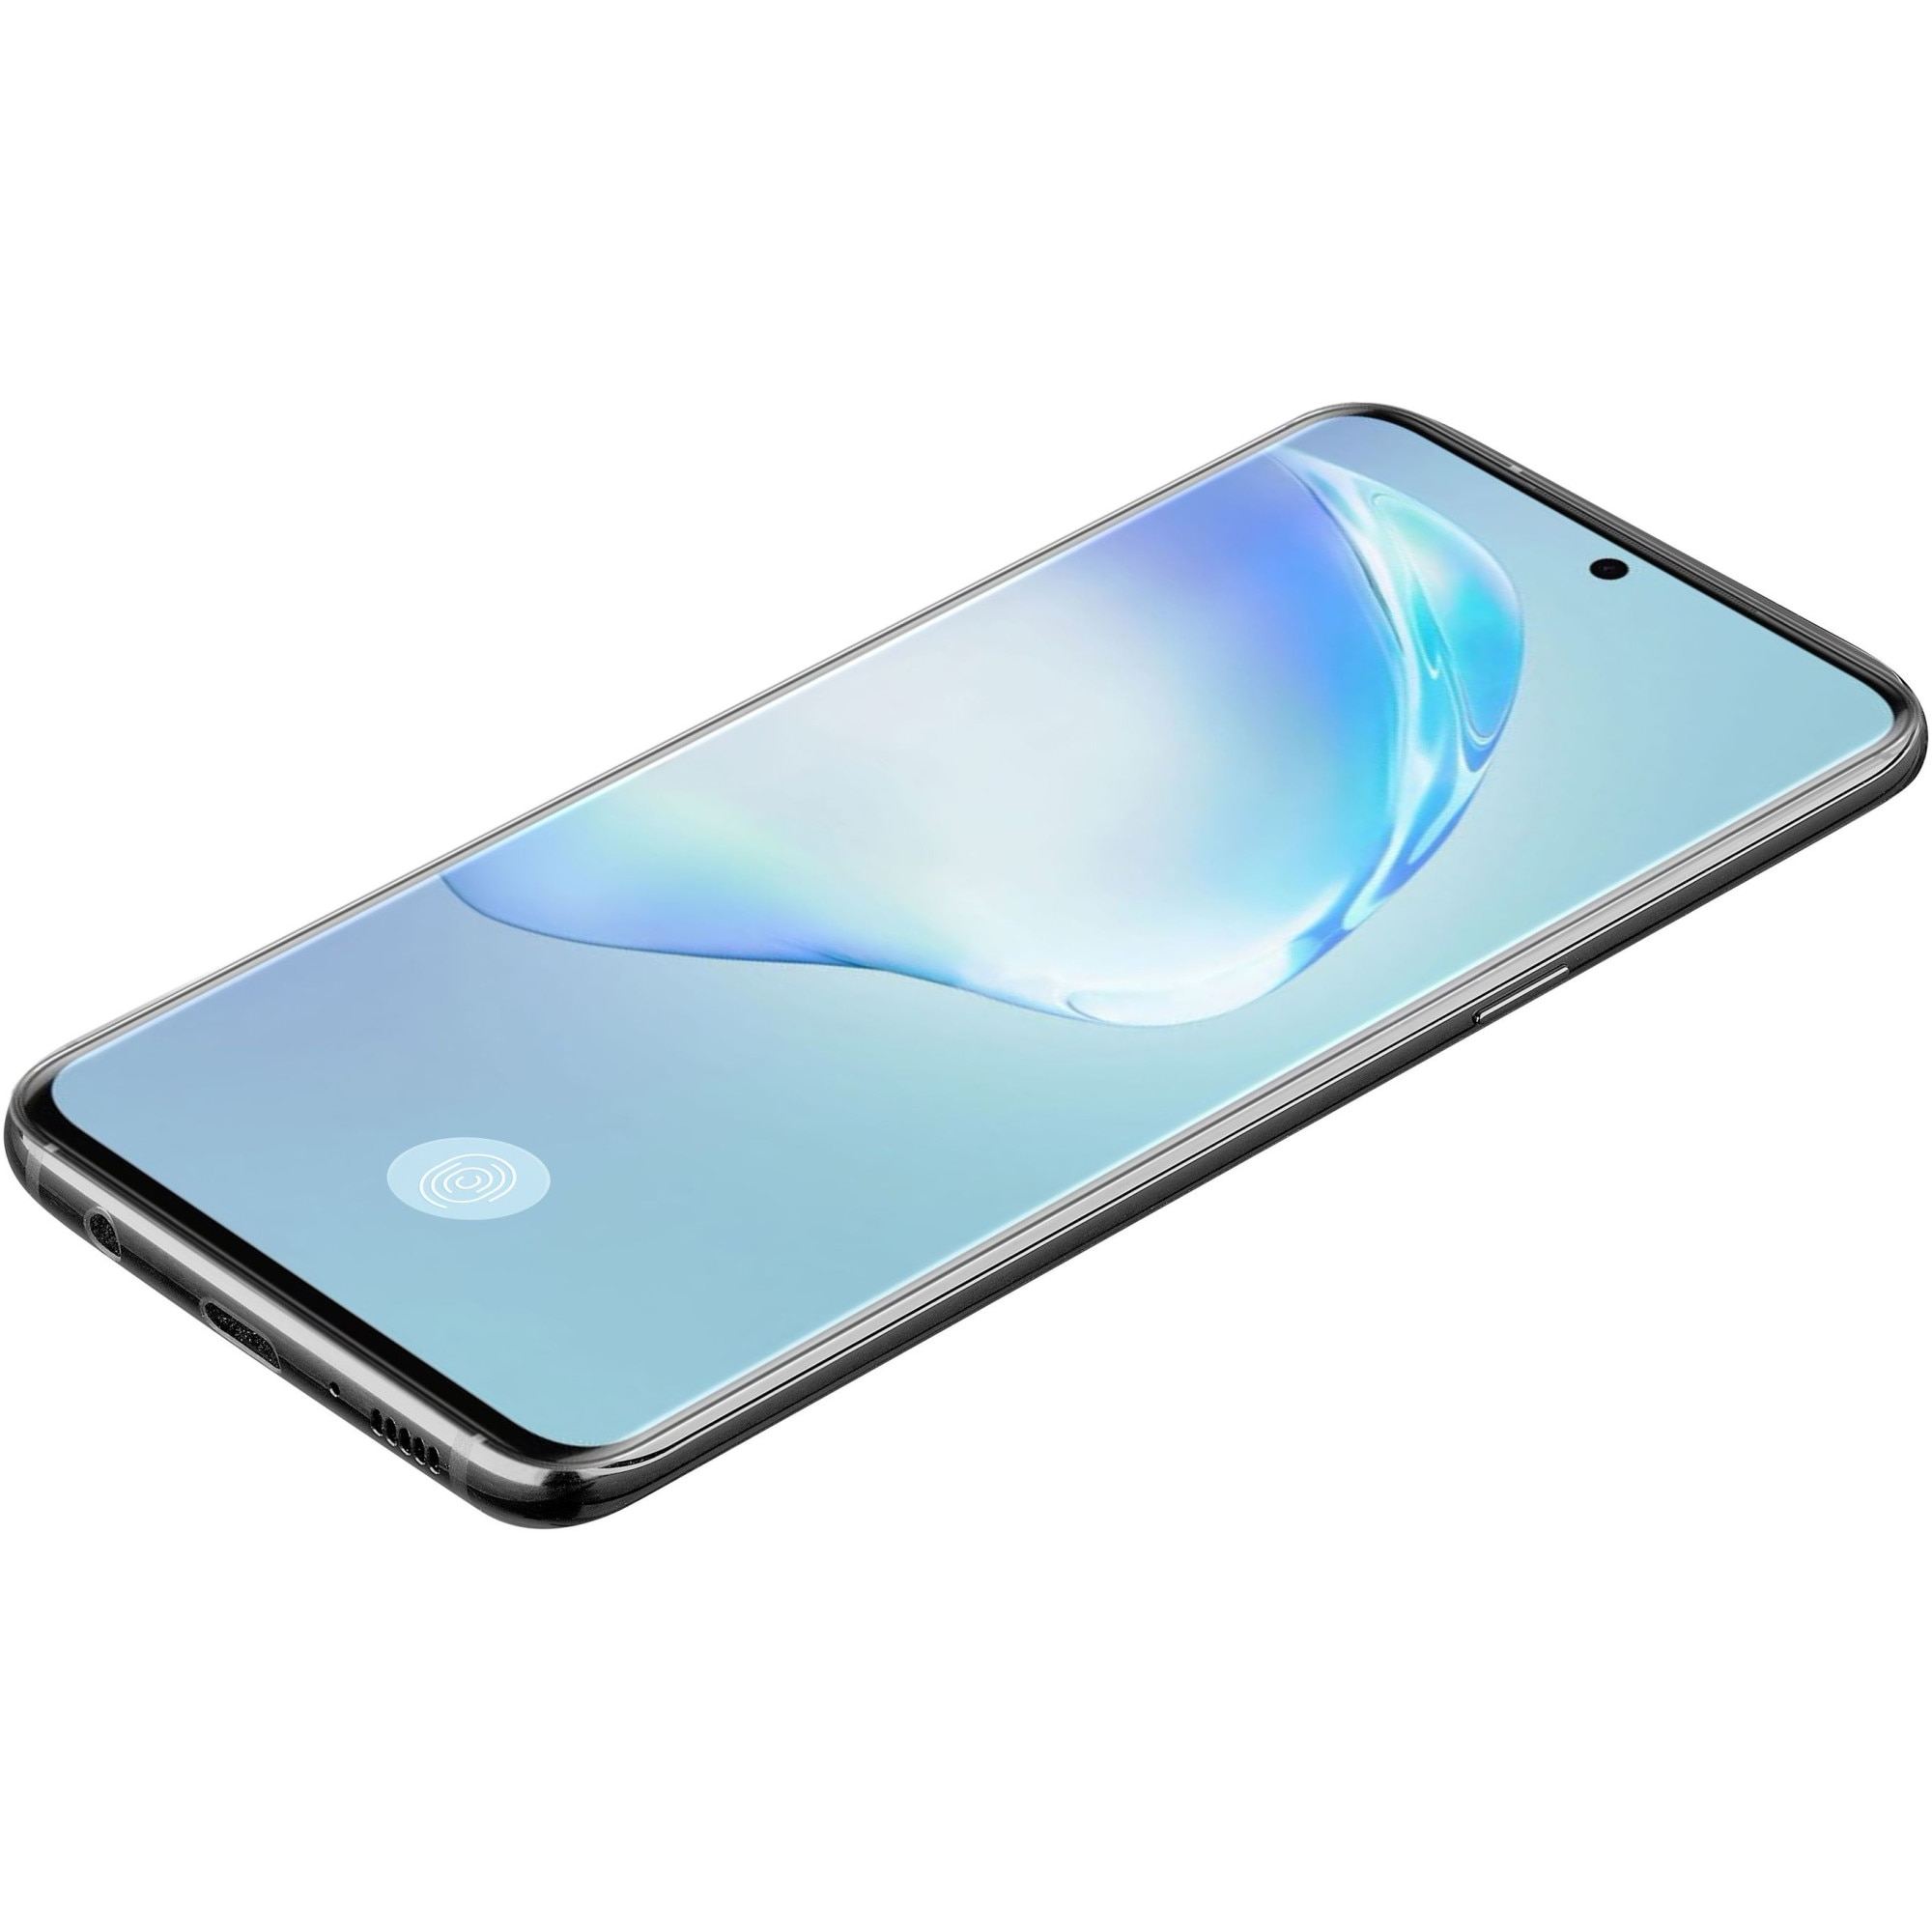 Fotografie Folie de protectie 3D Cellularline Antishock pentru Samsung Galaxy S20 Plus, sticla, Negru